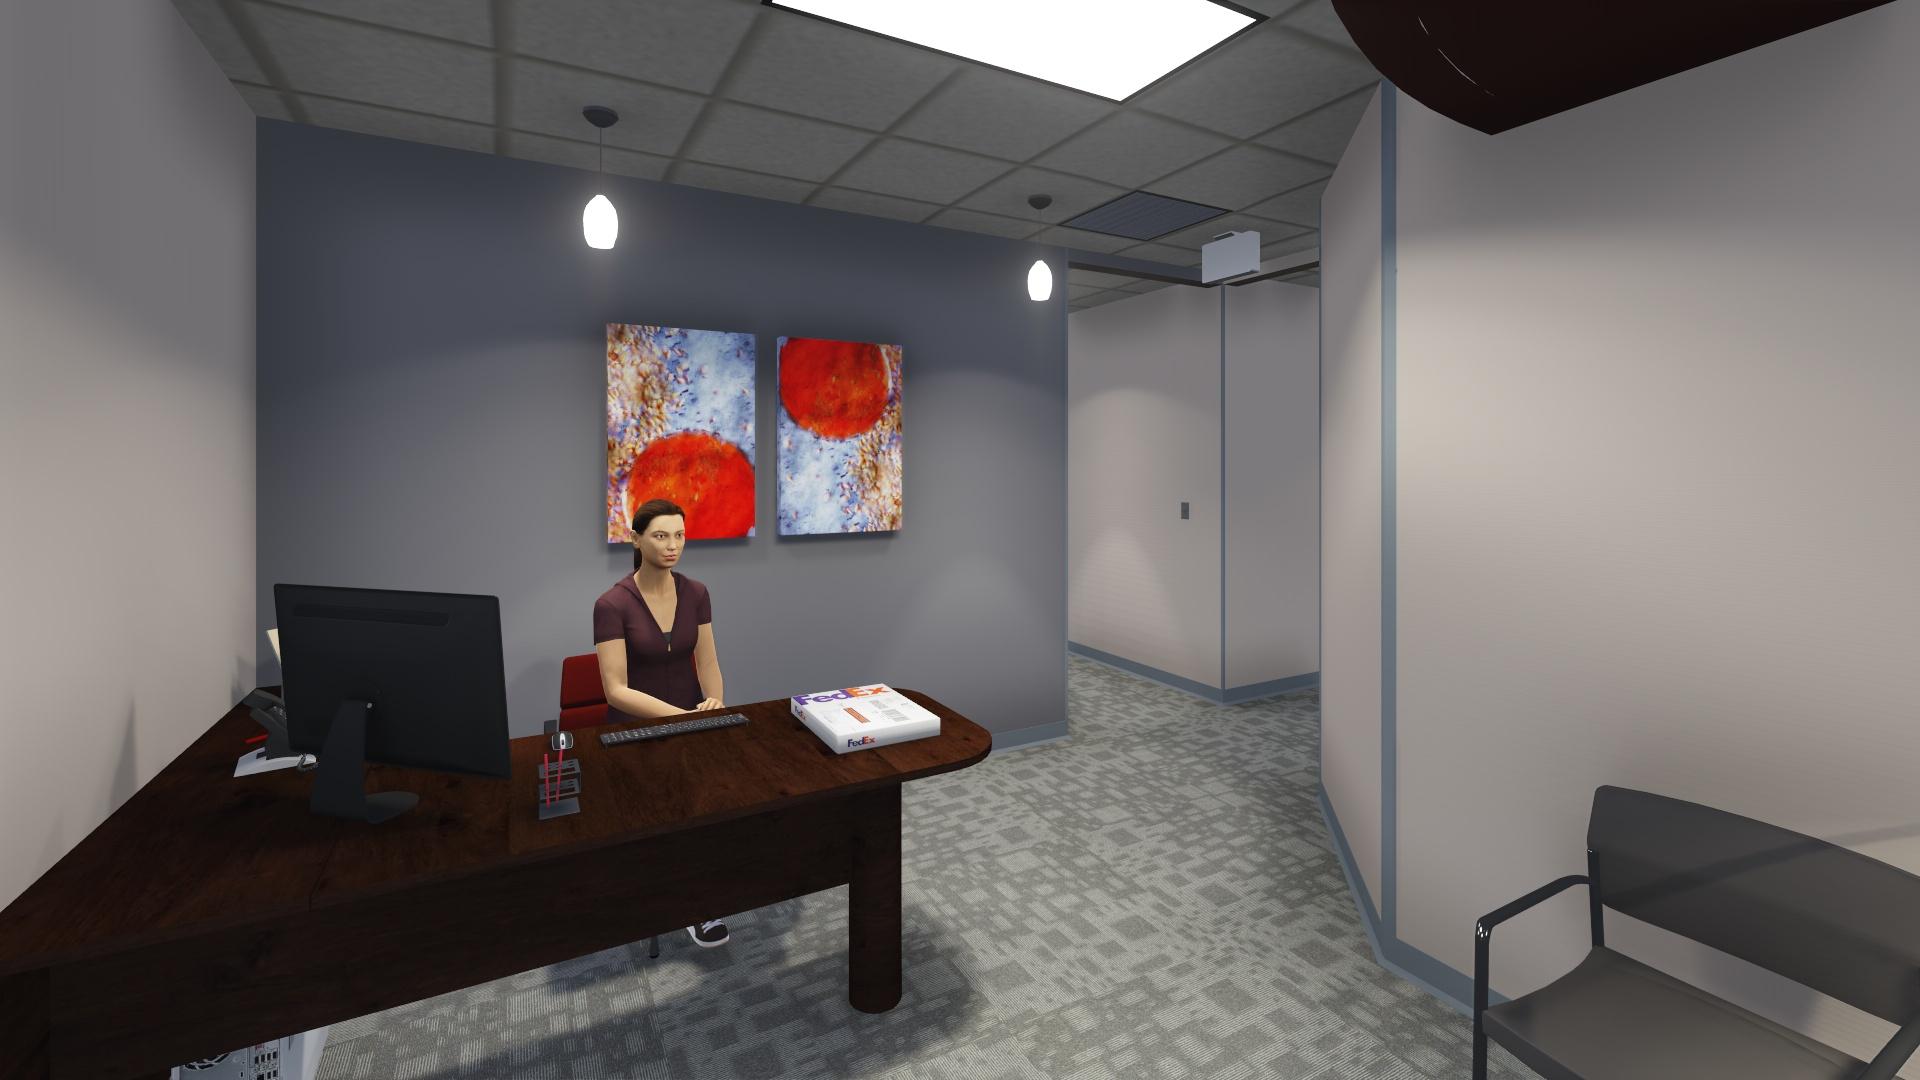 27 MAR 14 - OFFICE RENDERING - RECEPTION 2.jpg